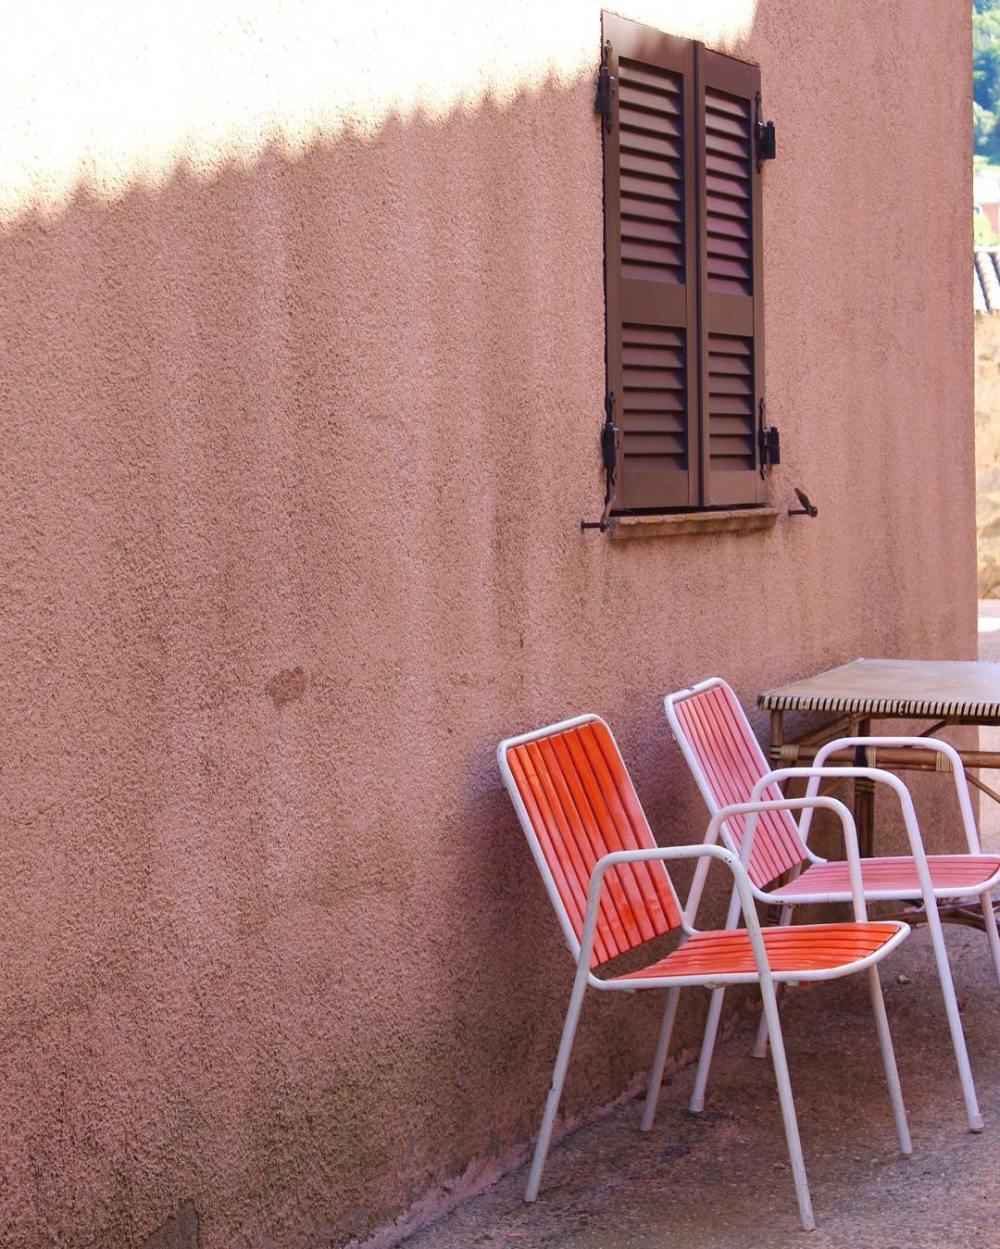 Deux semaines parfaites en Corse Demain je te quitte maishellip